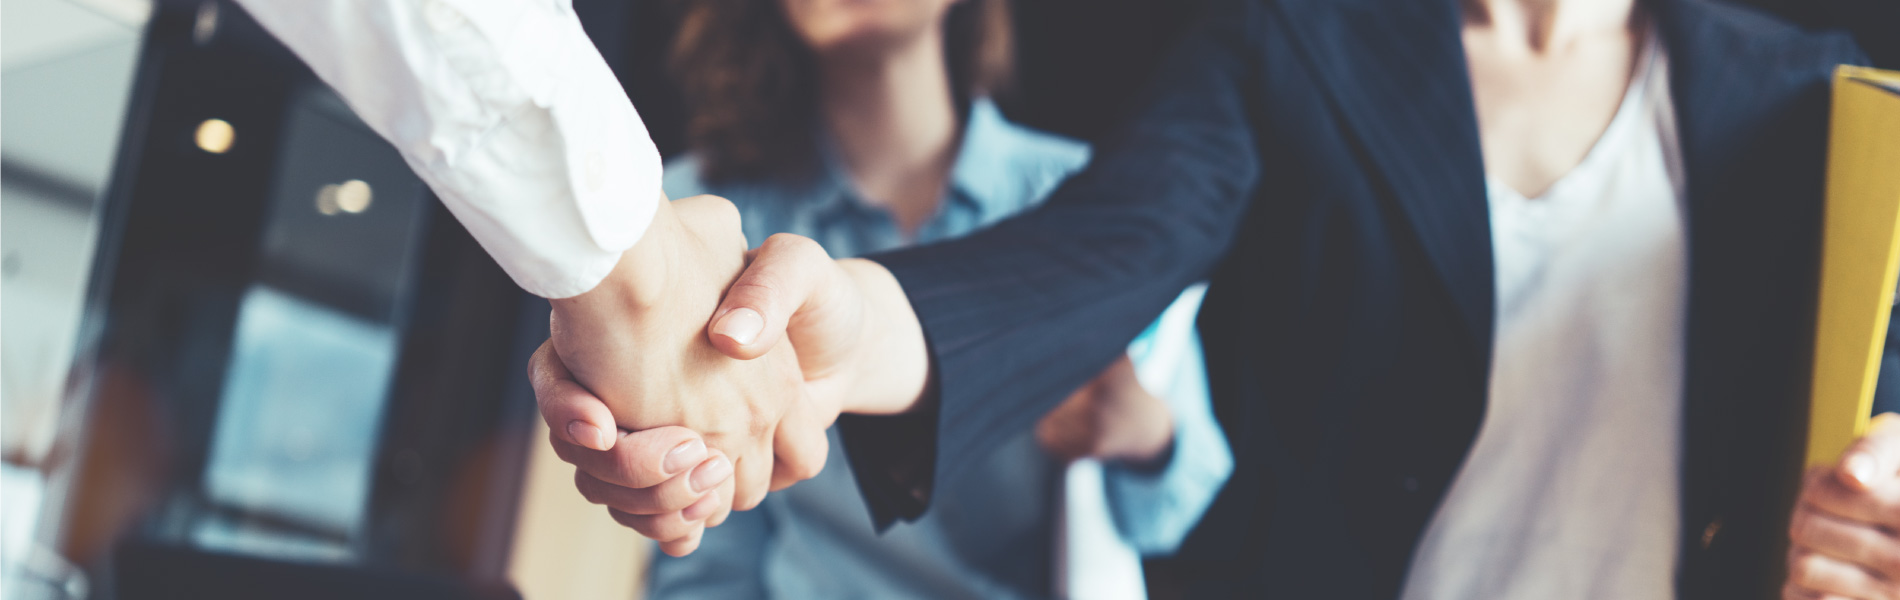 Conférence | La Négociation d'Influence: gagner en performance et sérénité